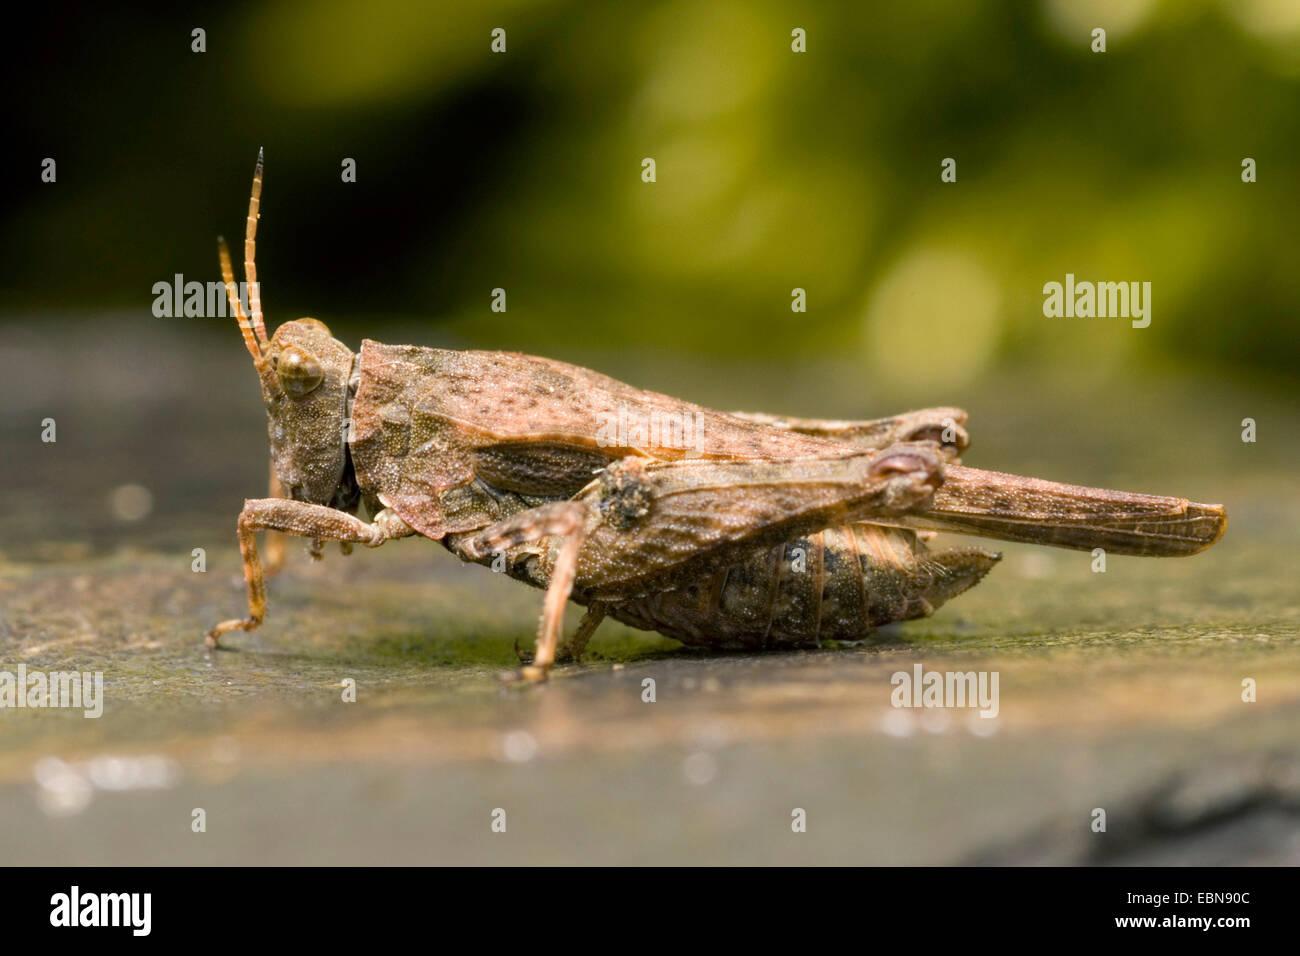 Twospotted groundhopper (Tetrix bipunctata), full length portrait, Germany - Stock Image